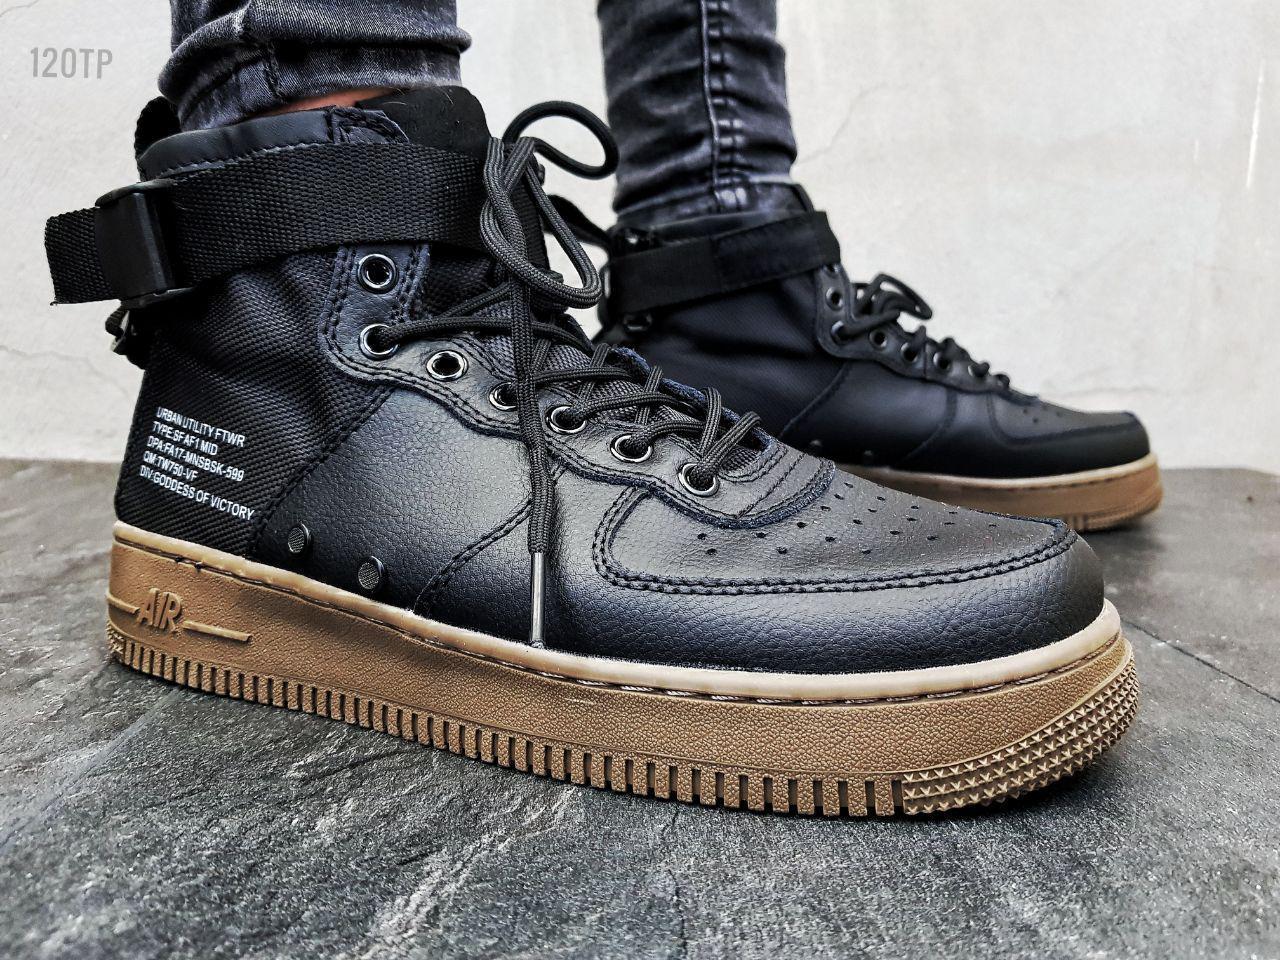 Мужские кроссовки Nike Air Force Hight Black Gum (р. 43 и 44)